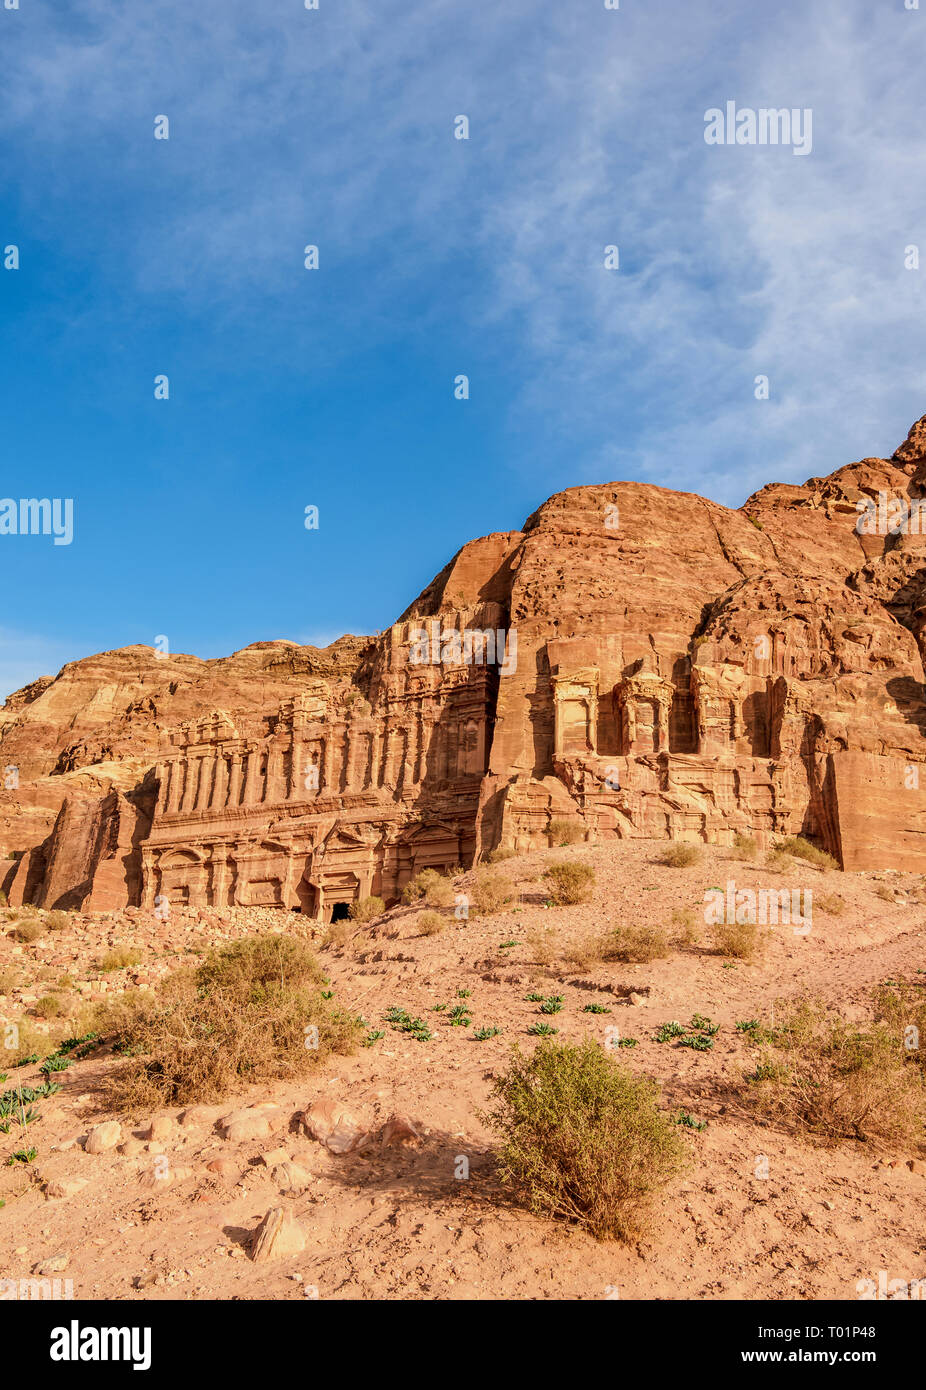 Tumbas Reales, Petra, la Gobernación de Ma'an, Jordania Foto de stock